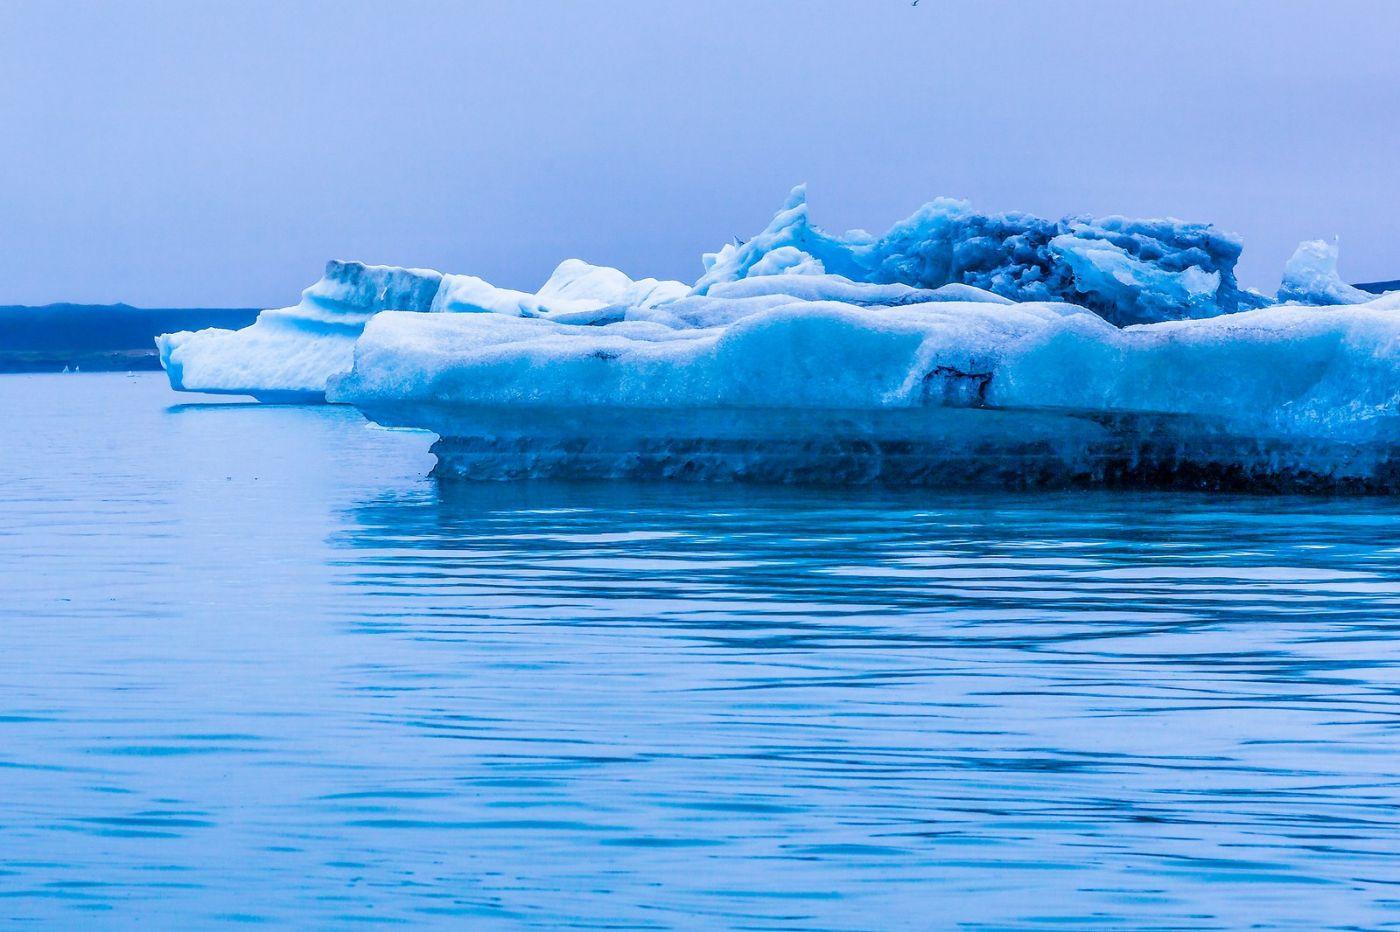 冰岛冰川泻湖(Glacier Lagoon),自然雕塑_图1-24